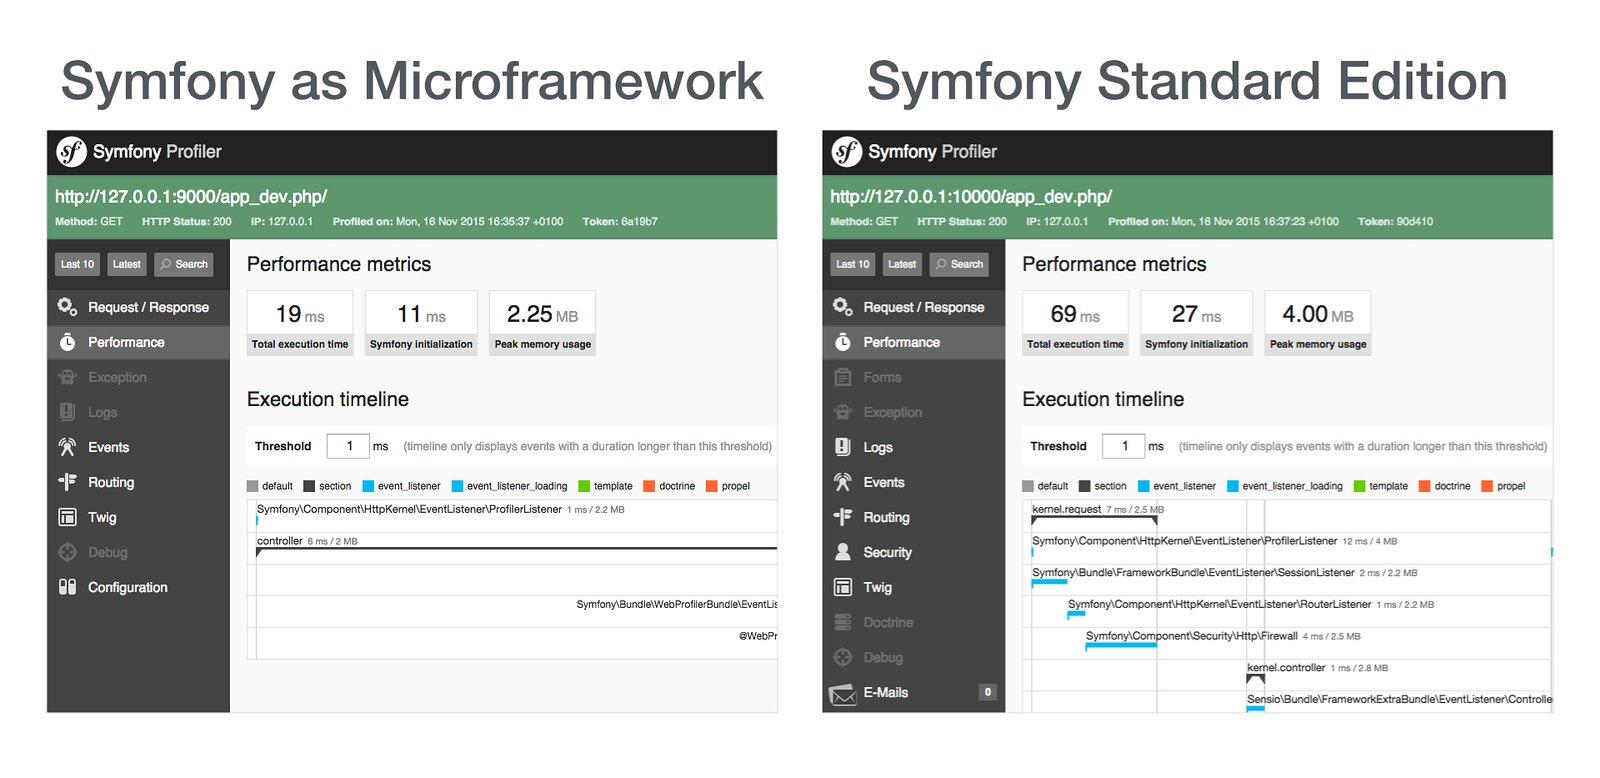 Symfony Microframework vs Symfony Standard Edition